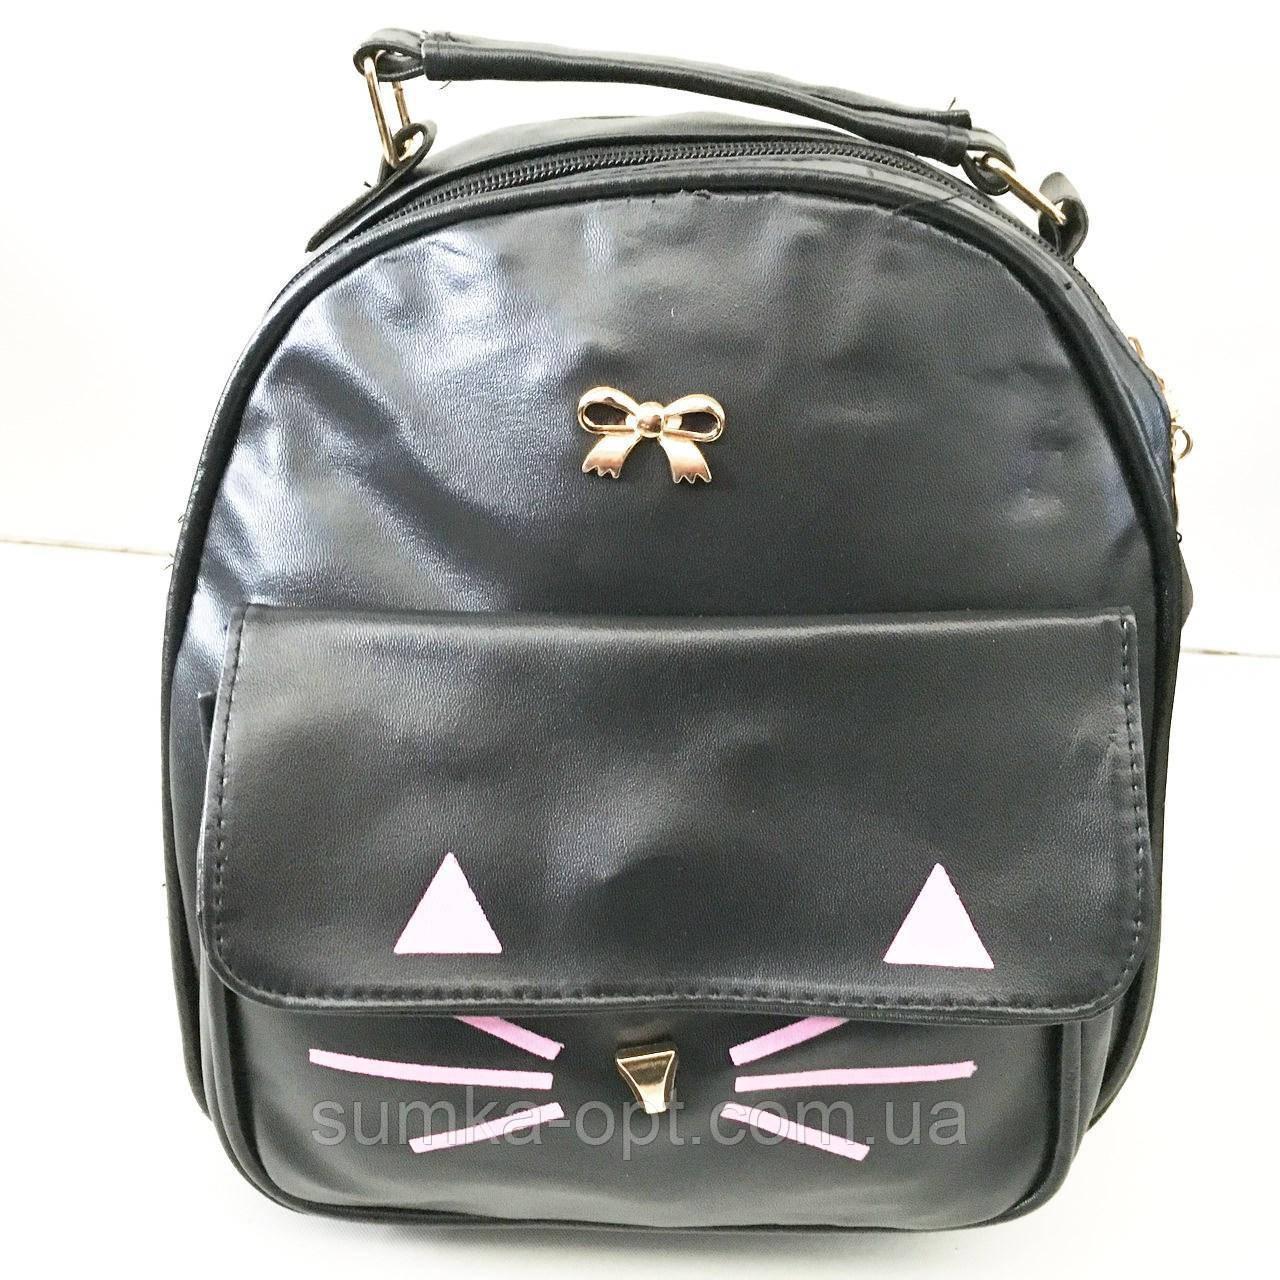 Сумка-рюкзак з мистецтв.шкіри Китай (чорний)22*23см